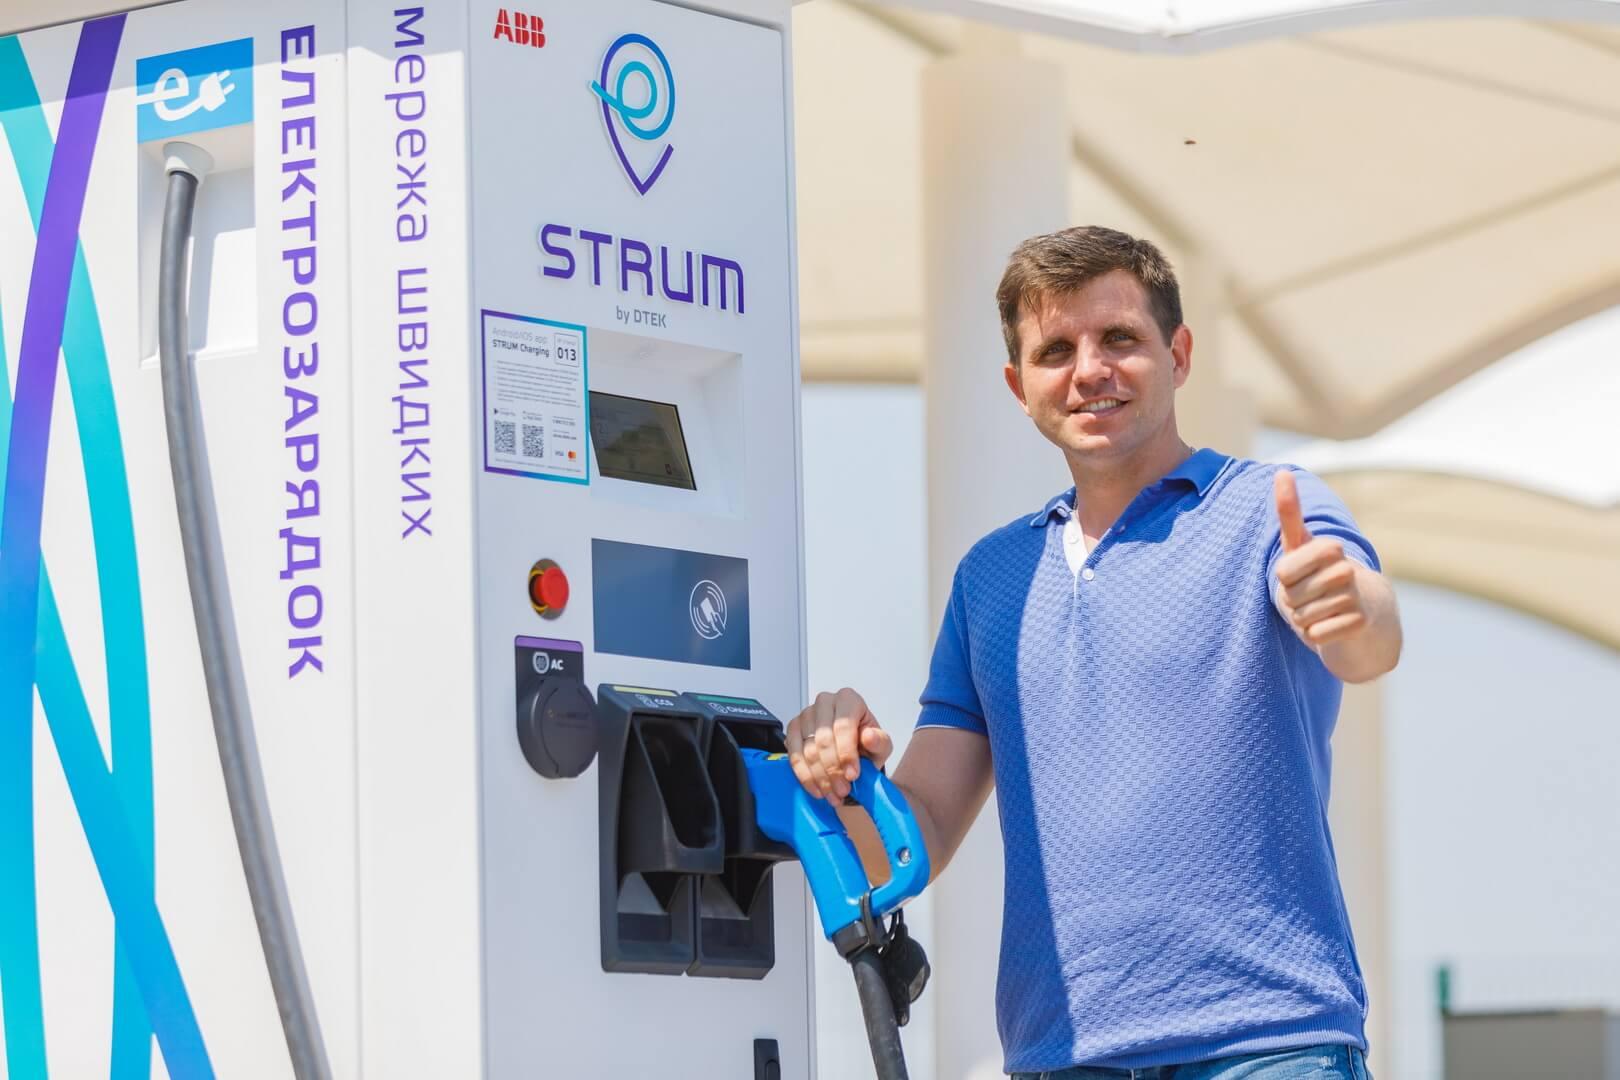 Управляющий сети быстрых зарядных станций STRUM Игорь Ковалев